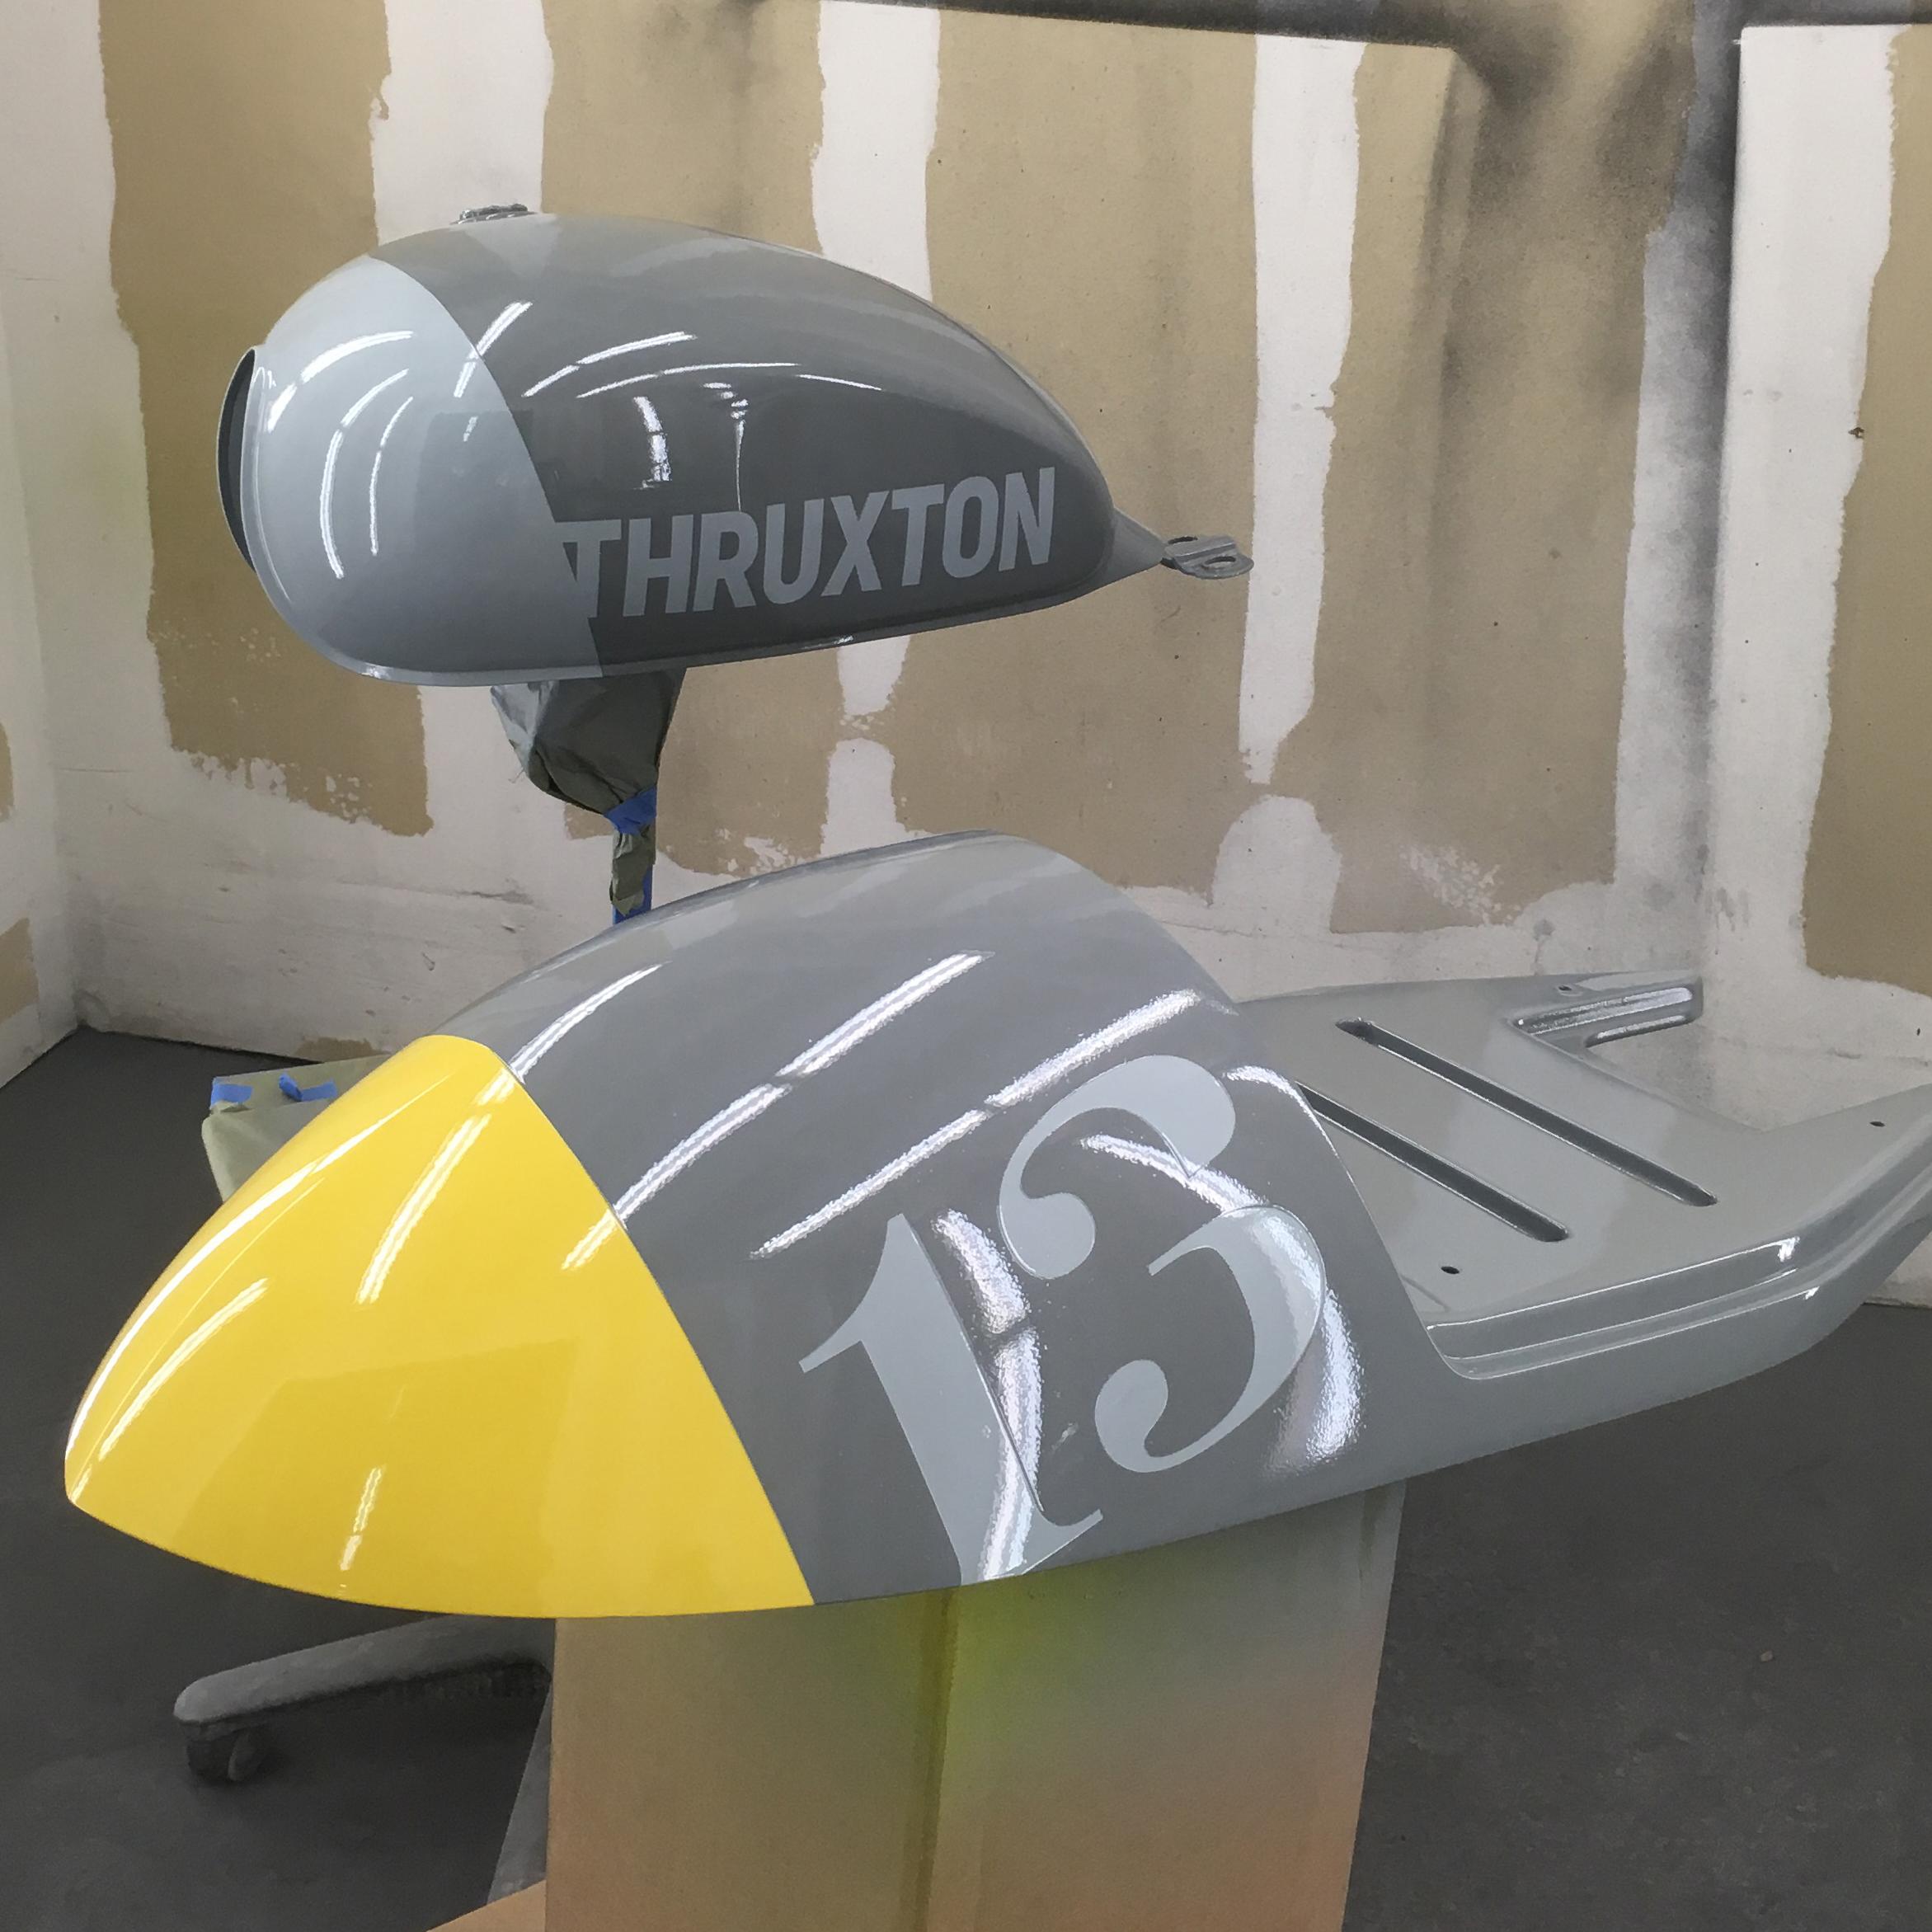 Thruxtonworkshop-16sq.jpg